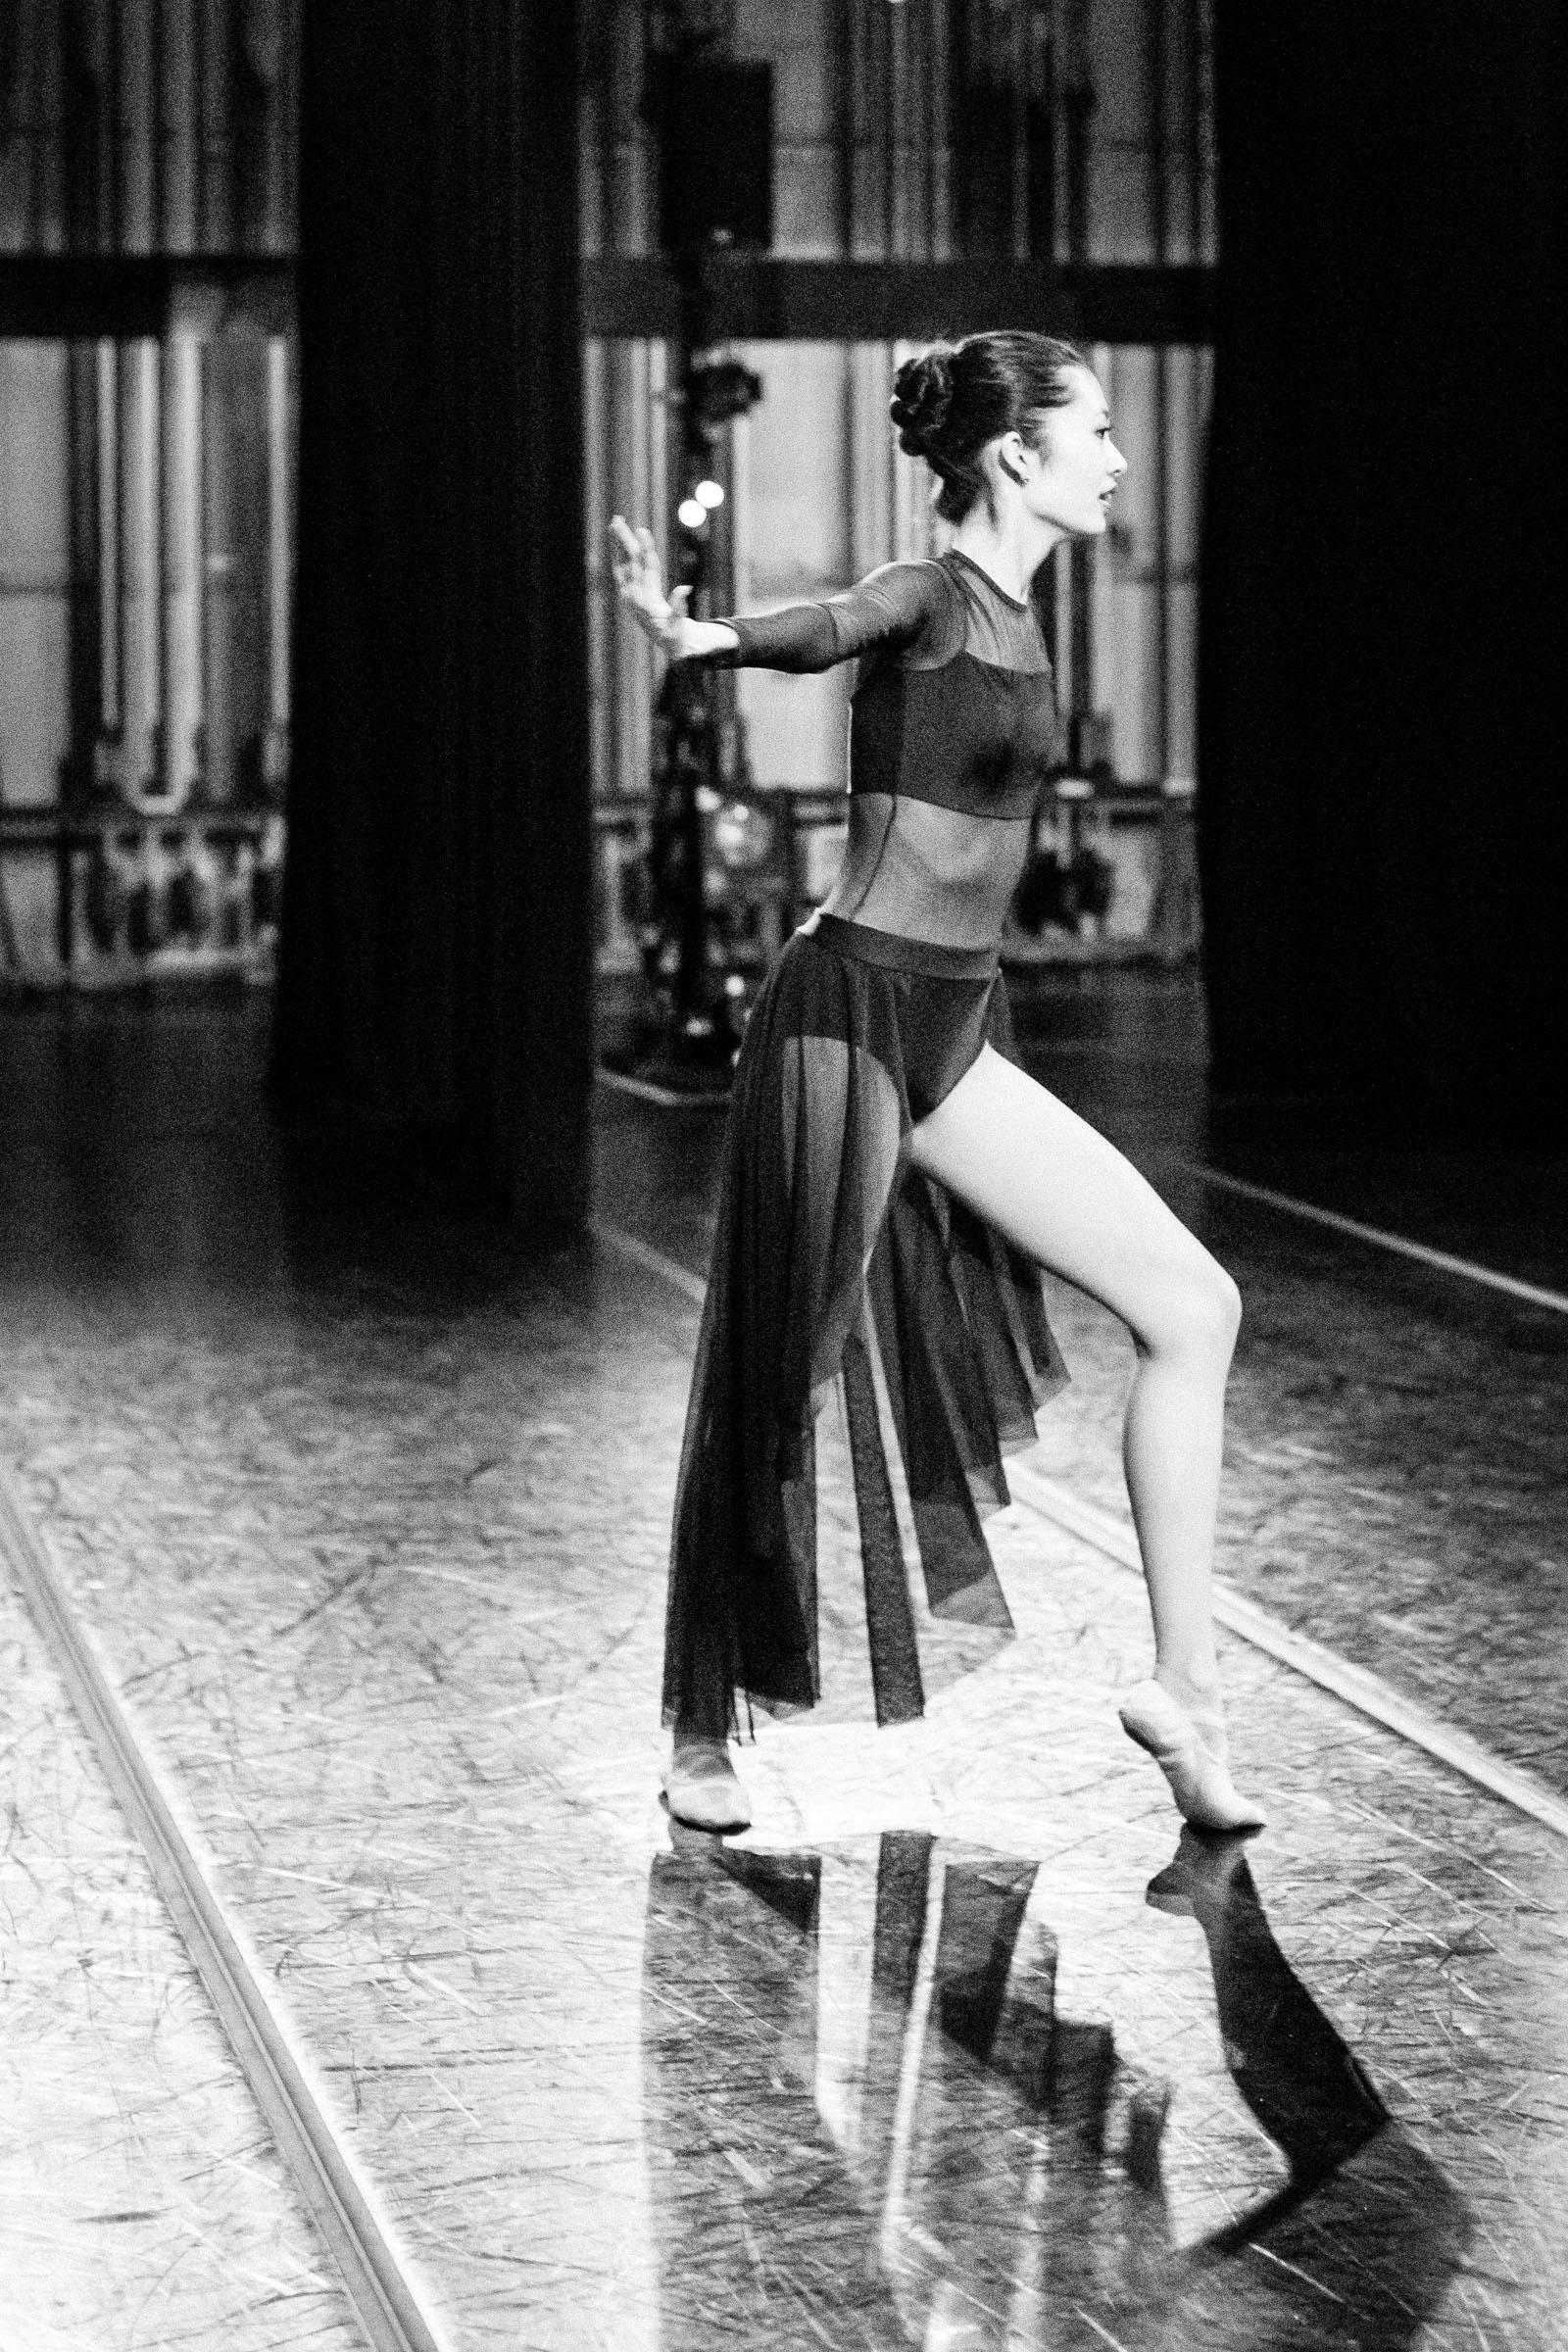 Dancer backstage